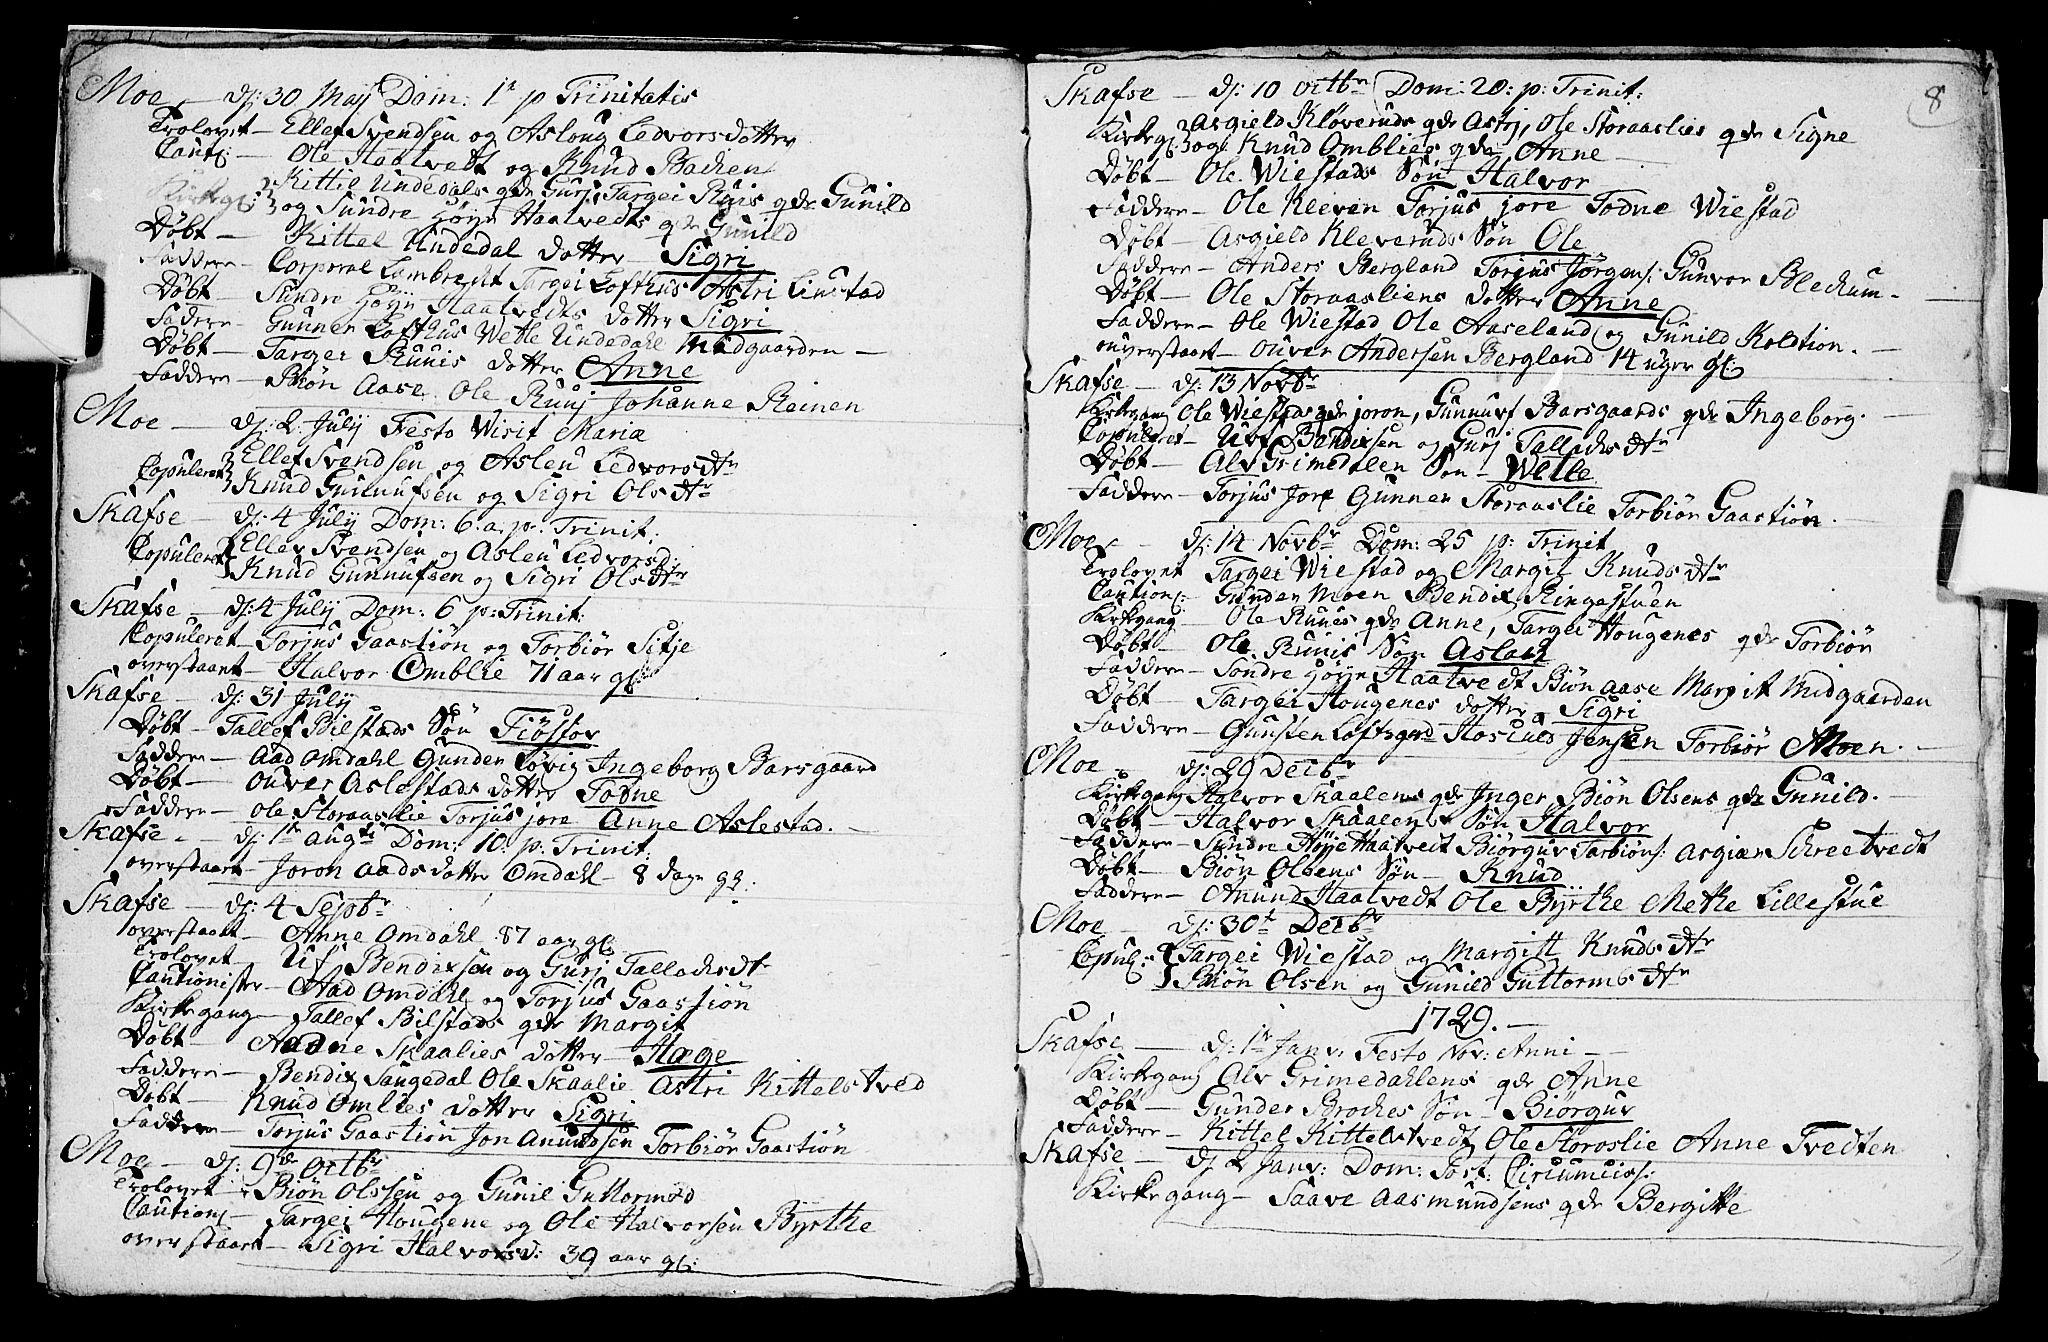 SAKO, Mo kirkebøker, F/Fa/L0001: Ministerialbok nr. I 1, 1724-1748, s. 8